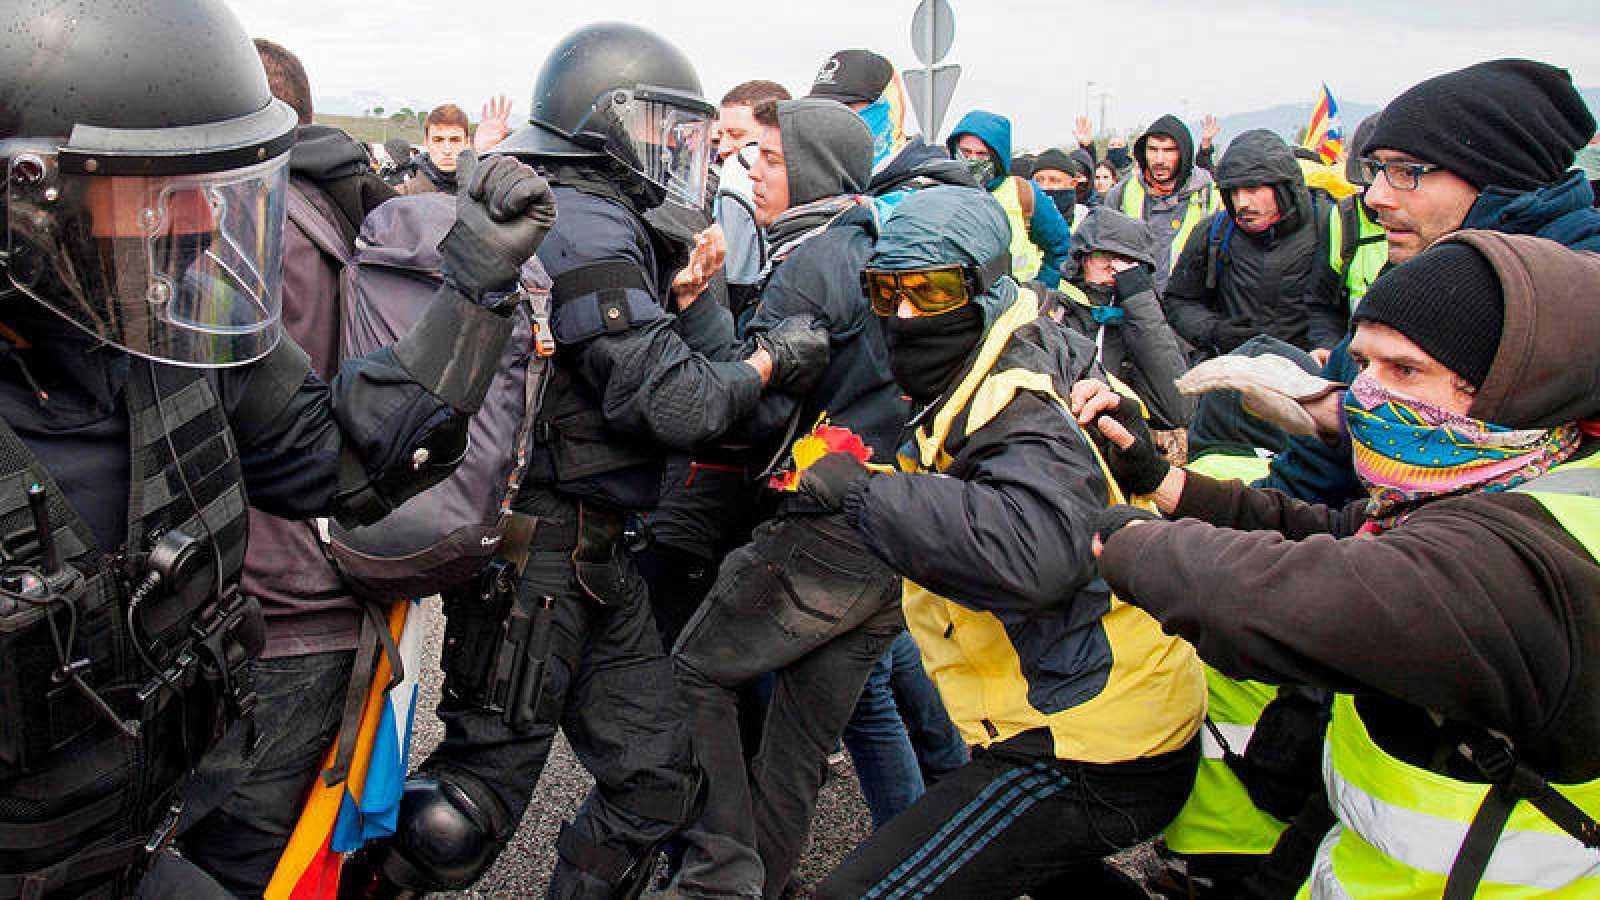 Facsiatas separatistas encapuchados cortan la AP7 y Avenida Diagonal